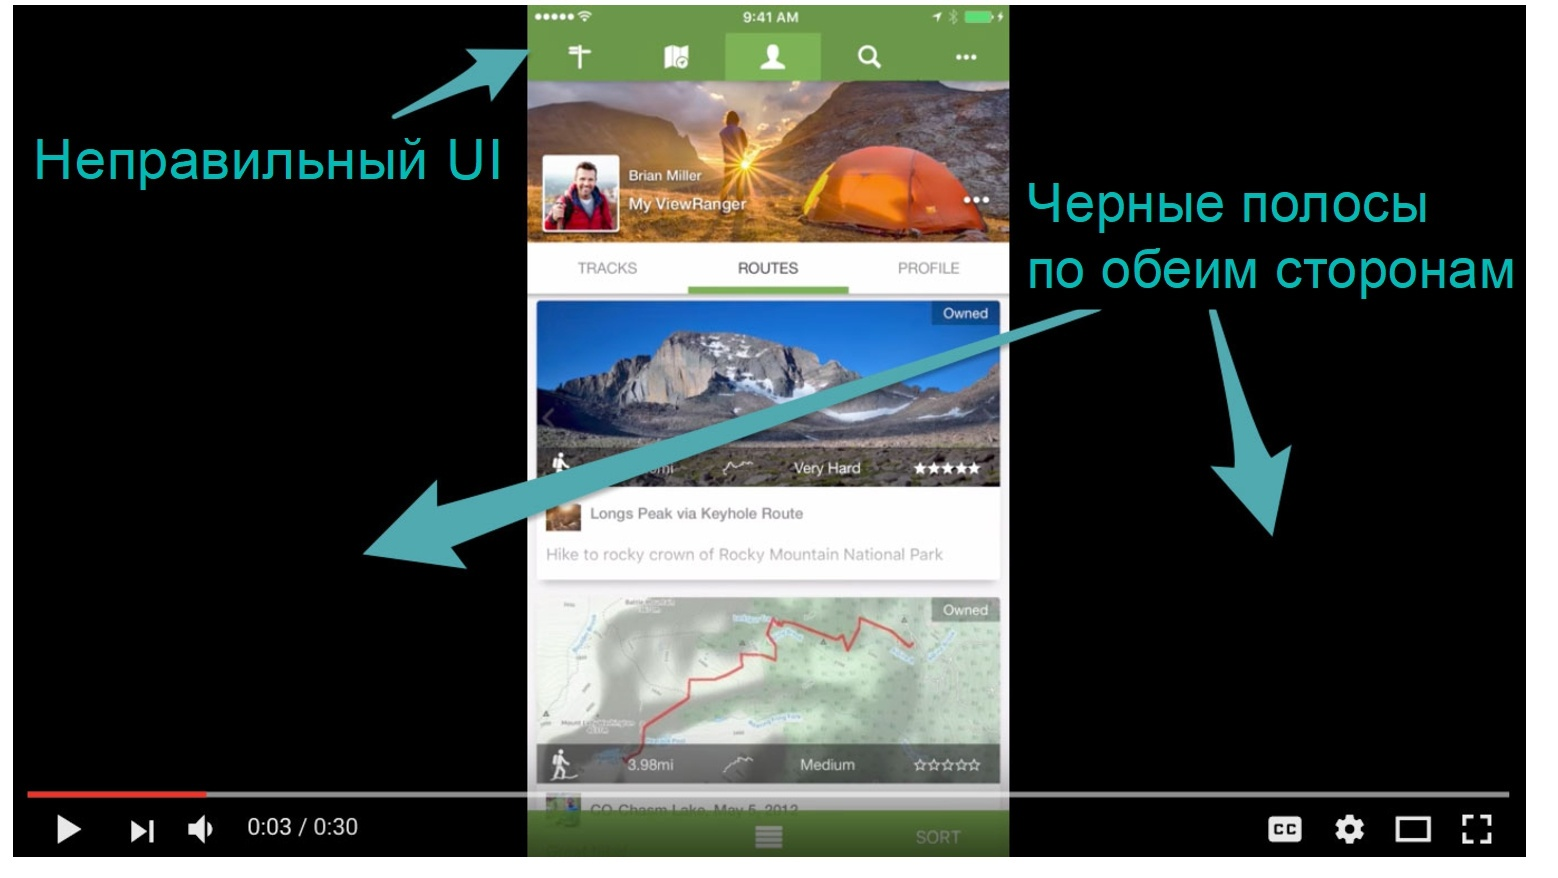 Как сделать хороший ролик для App Store и Google Play - 2